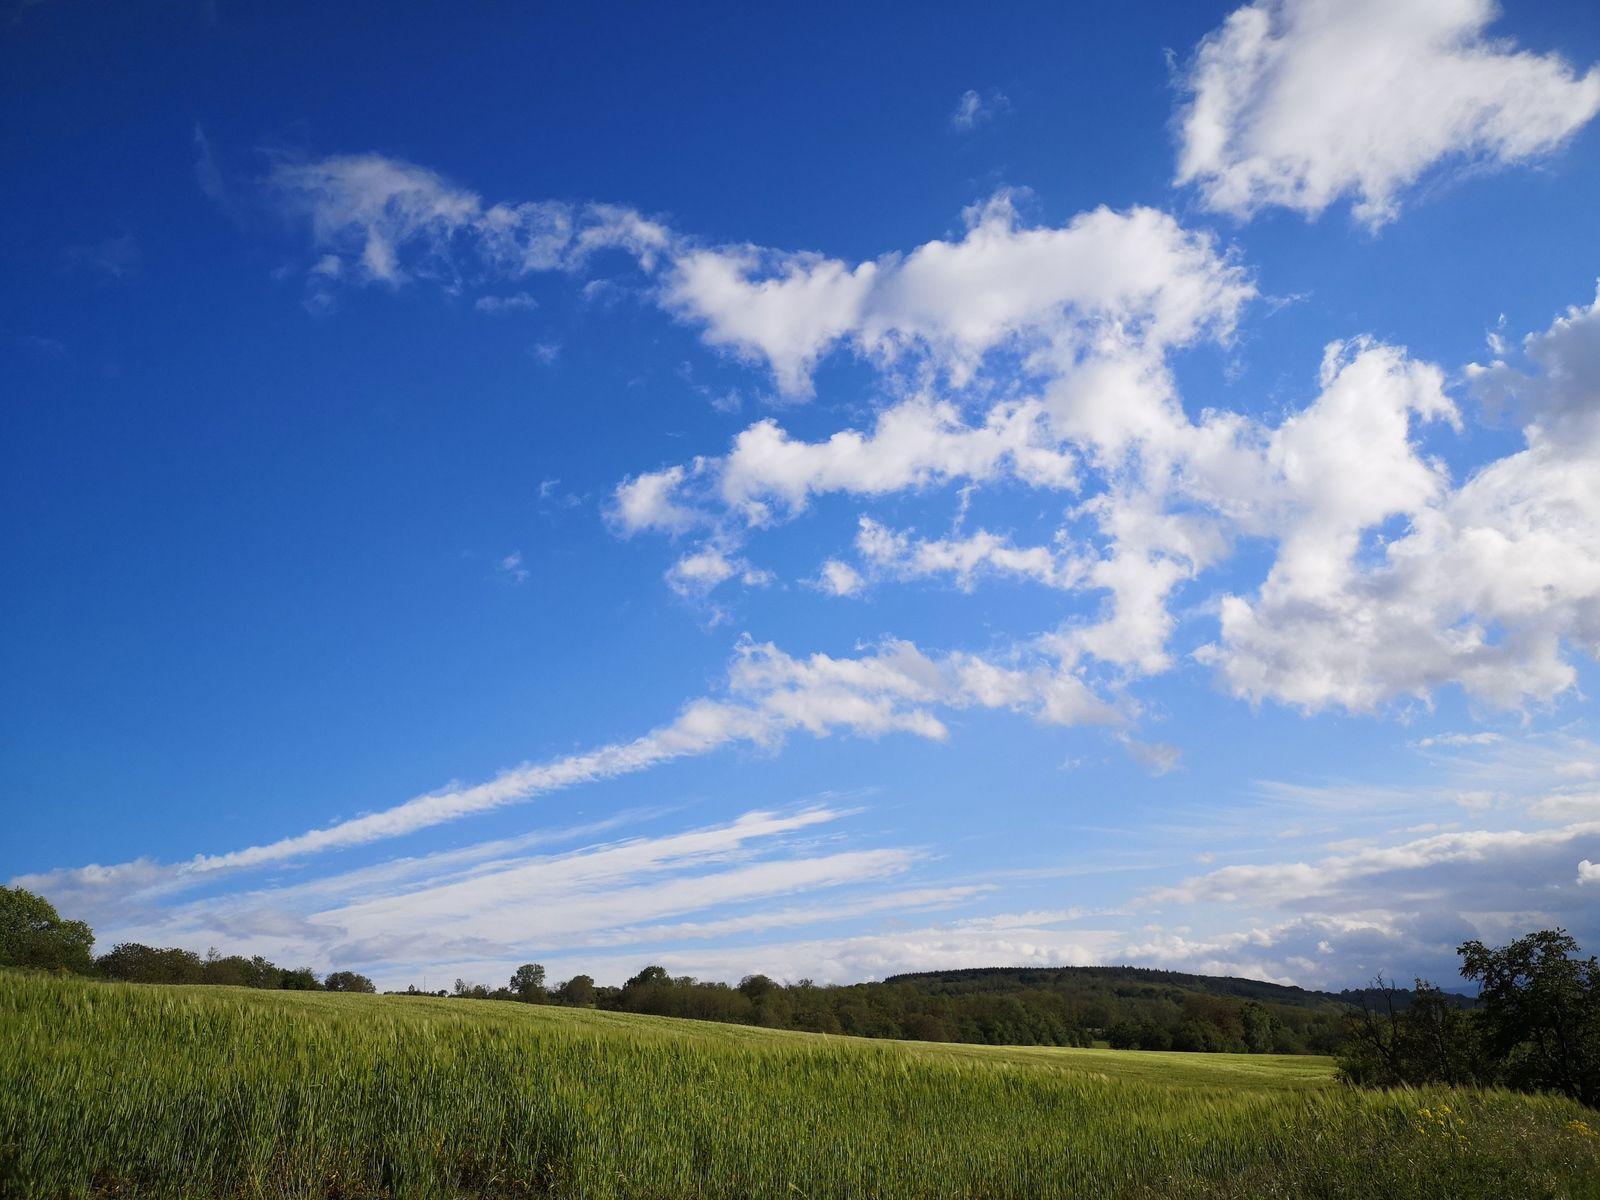 Au dessus du Wangenberg, les nuages d'altitude perturbent à peine le ciel bleu de ce superbe printemps. Sur le retour, nous en profiterons pour observer d'un peu plus près les nombreuses fleurs qui jalonnent notre parcours.